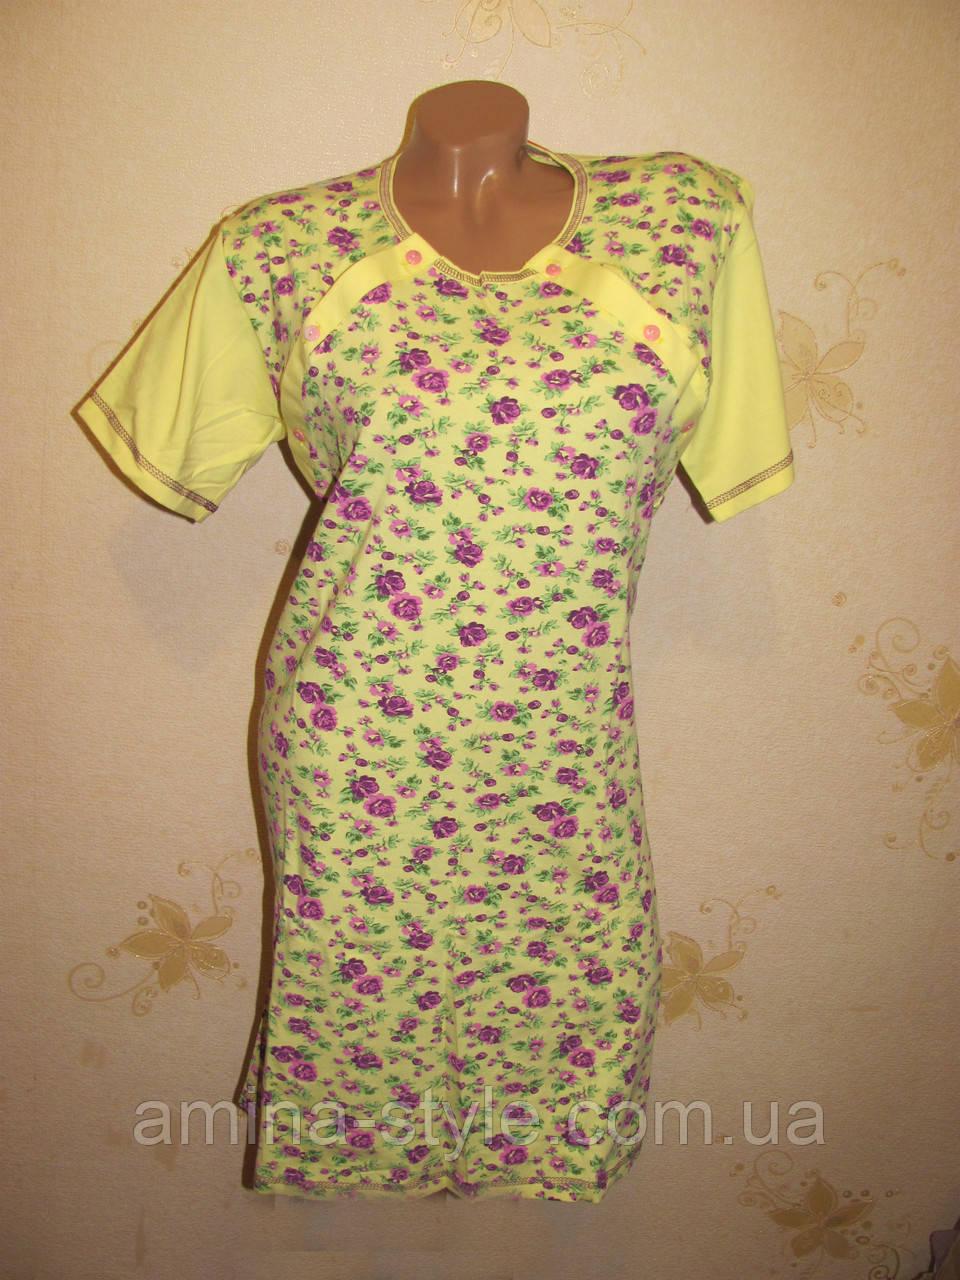 Жіноча нічна сорочка для вагітних і кормлящих, бавовна М(44-46)